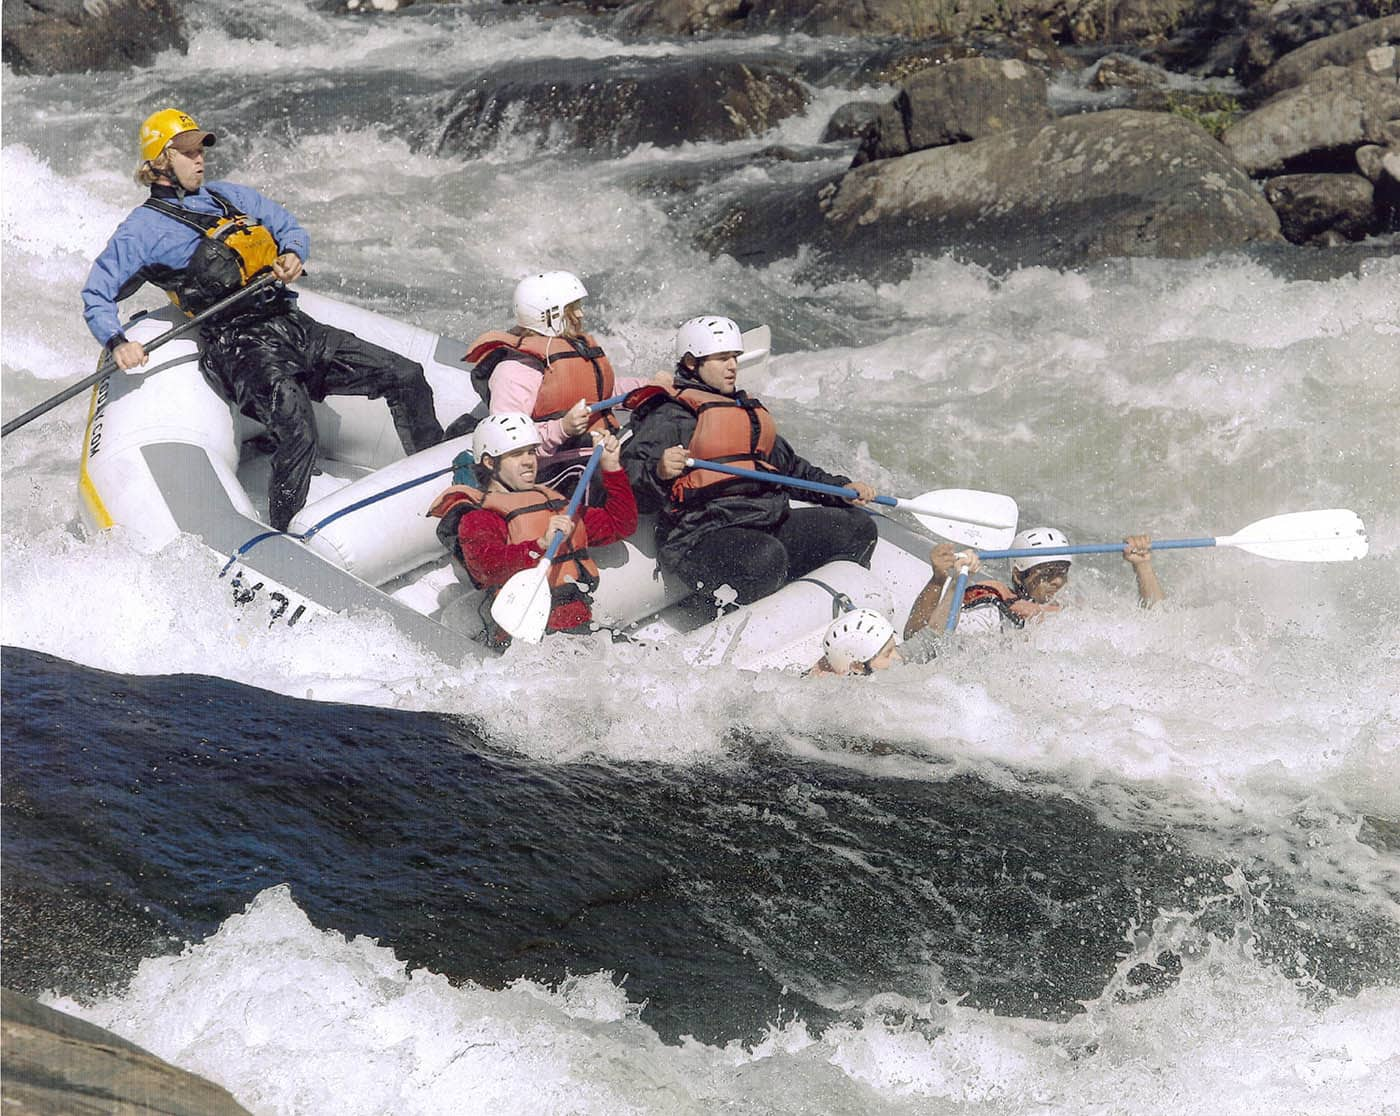 Upper Gauley White Water Rafting in West Virginia